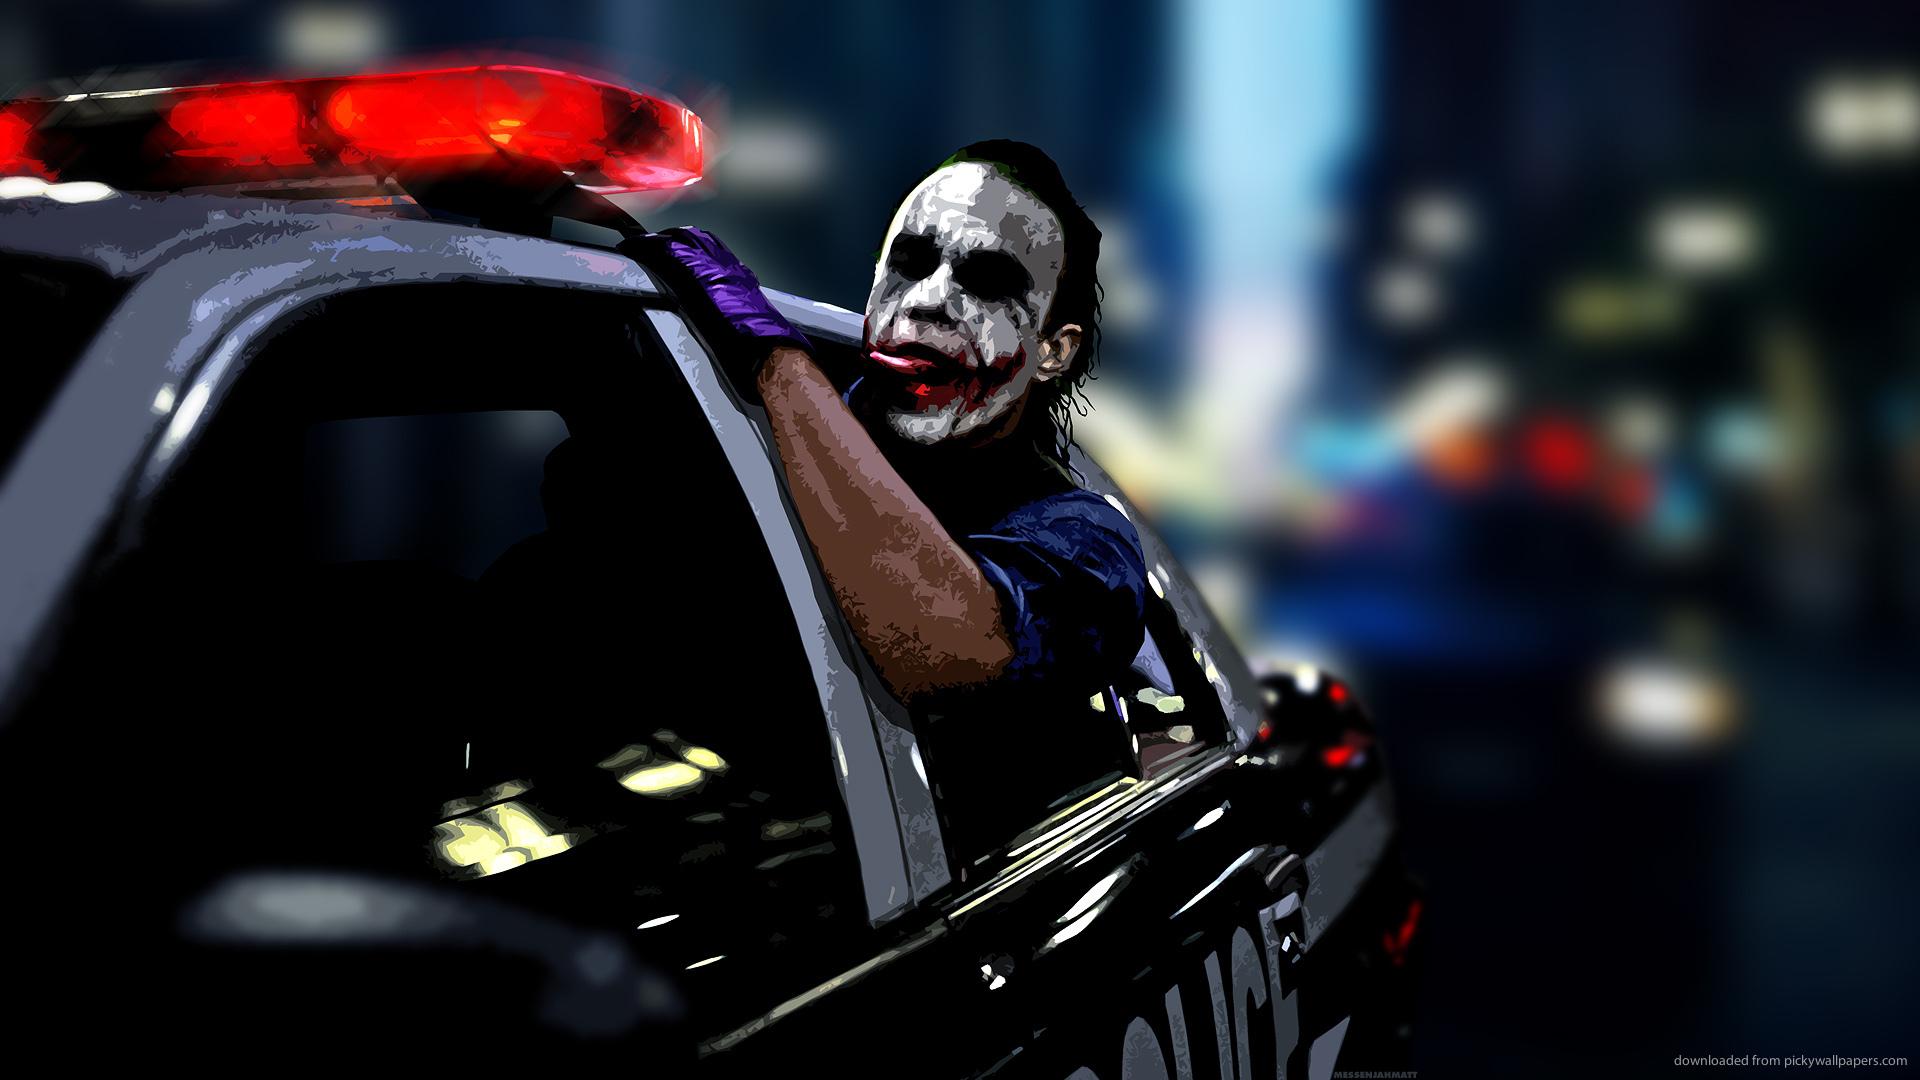 wallpaperpickywallpaperscom1920x1080joker driving in a police car 1920x1080